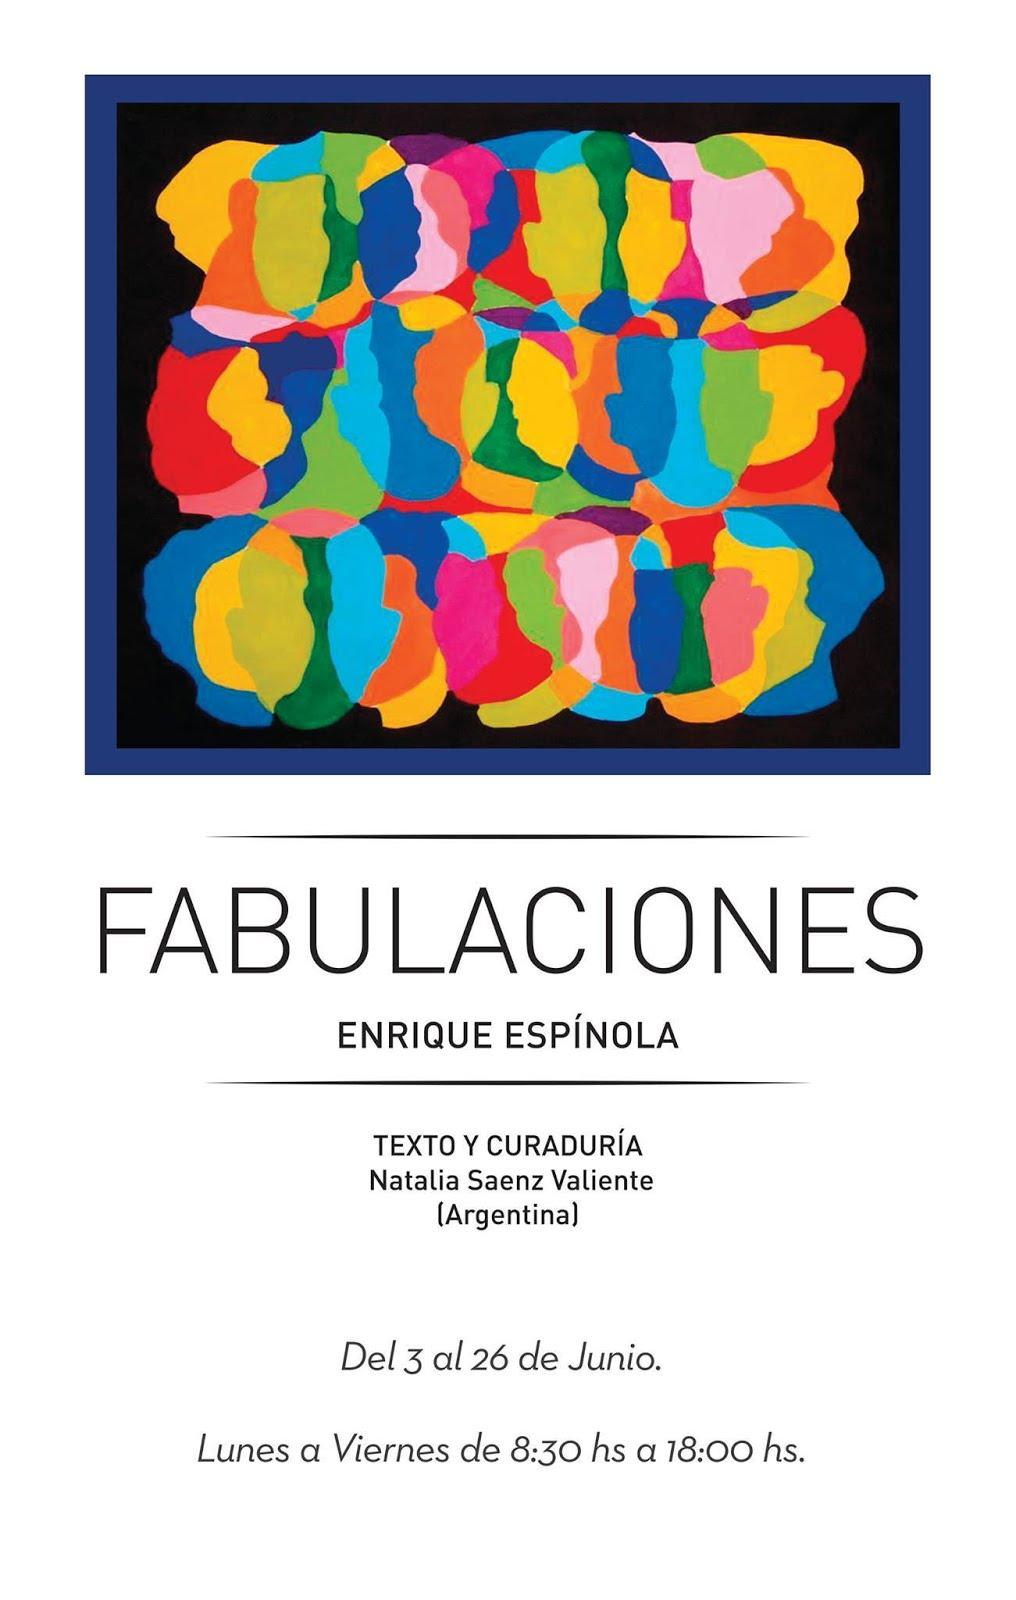 Fabulaciones